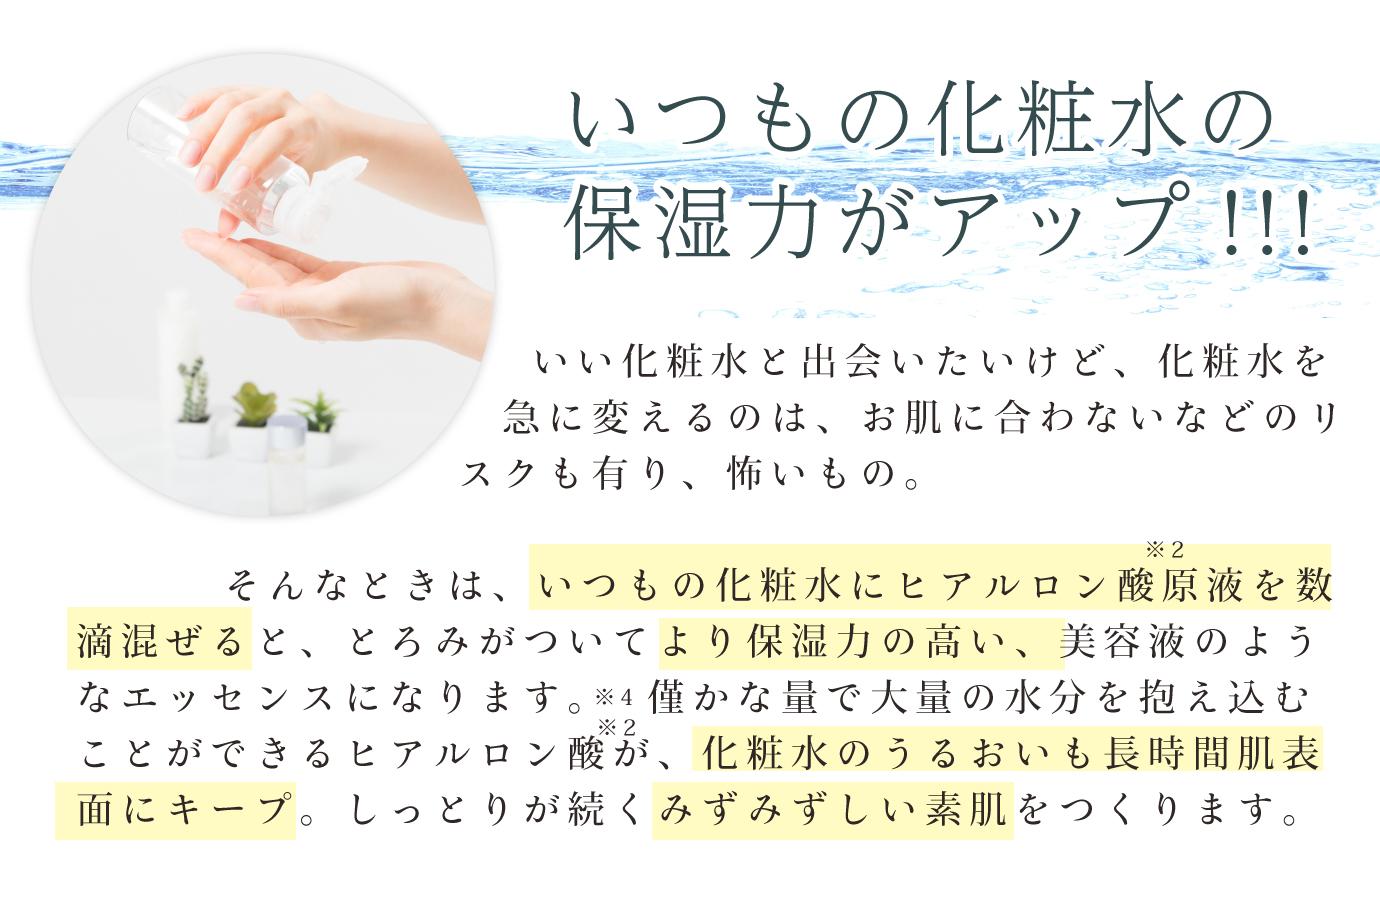 いつもの化粧水の保湿力がアップ!!!いい化粧水と出会いたいけど、化粧水を急に変えるのは、お肌に合わないなどのリスクも有り、怖いもの。そんなときは、いつもの化粧水にヒアルロン酸原液を数滴混ぜると、とろみがついてより保湿力の高い、美容液のようなエッセンスになります。※4僅かな量で大量の水分を抱え込むことができるヒアルロン酸が、化粧水のうるおいも長時間肌表面にキープ。しっとりが続くみずみずしい素肌をつくります。